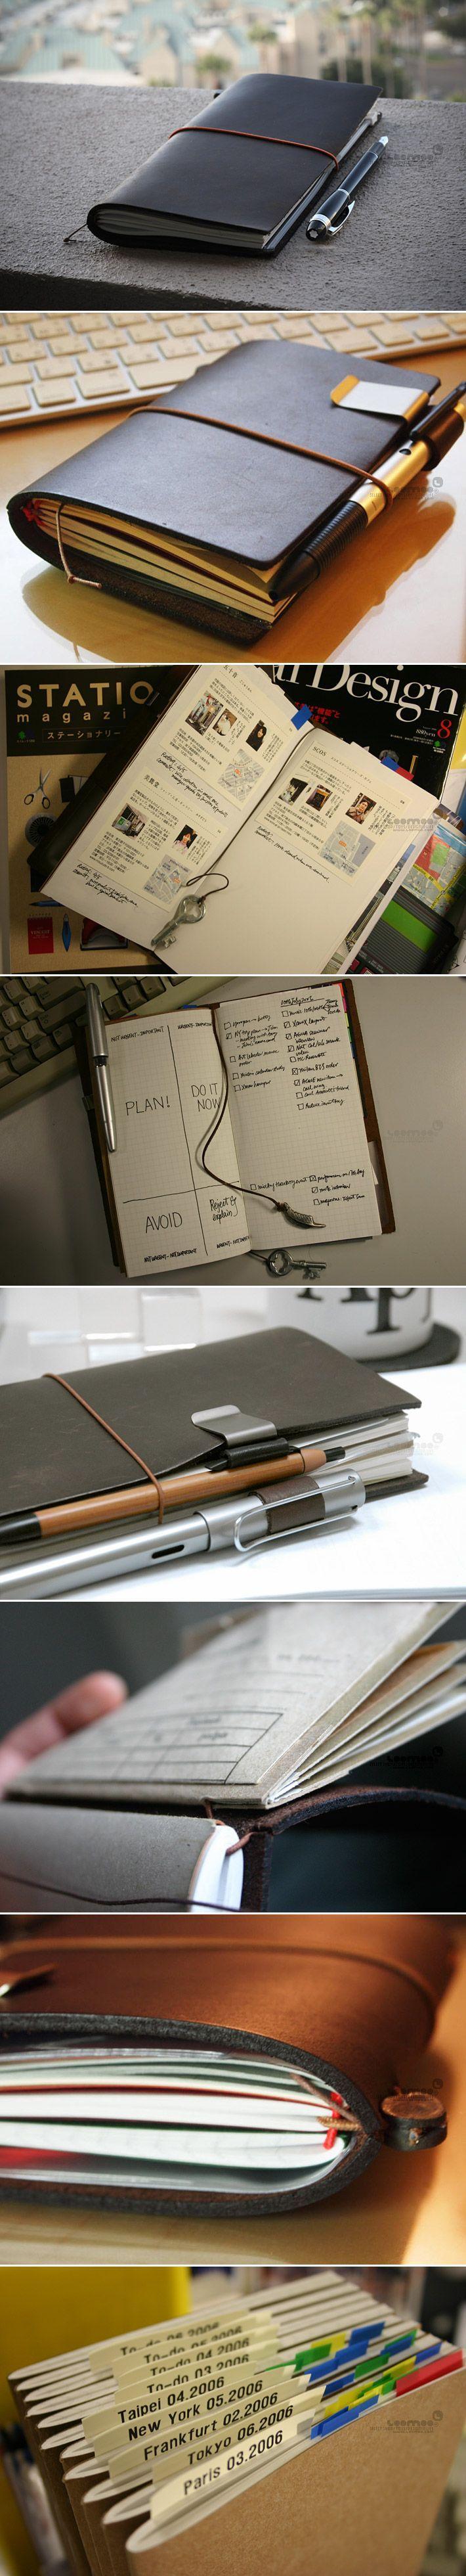 INFMETRY:: Midori Traveler's Notebook - Office Supplies - Home